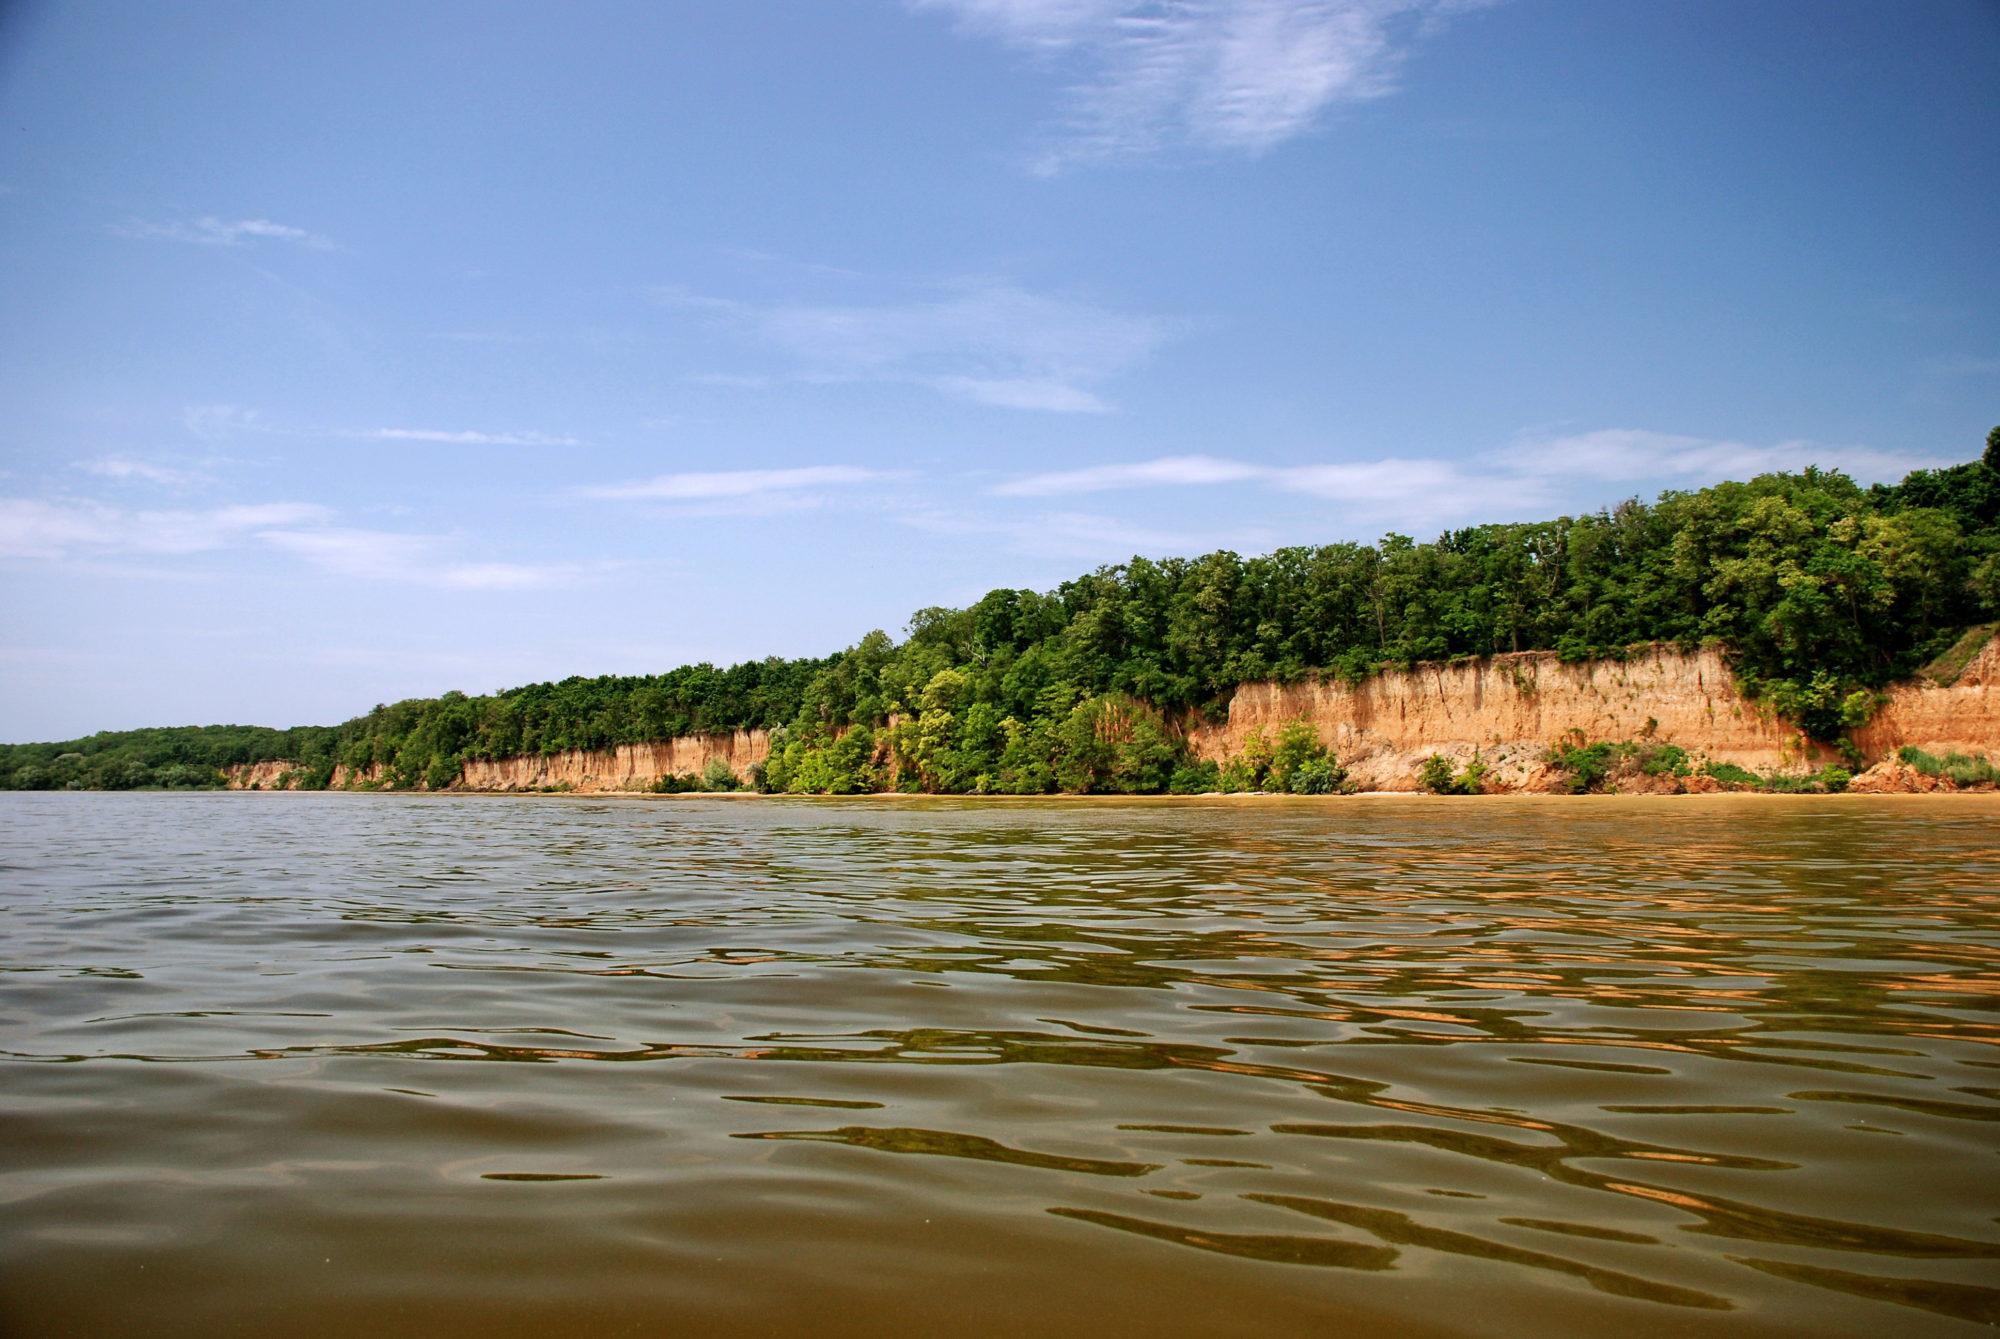 У Дніпрі під Переяславом потонули двоє рибалок -  - DSC 0375 2000x1339